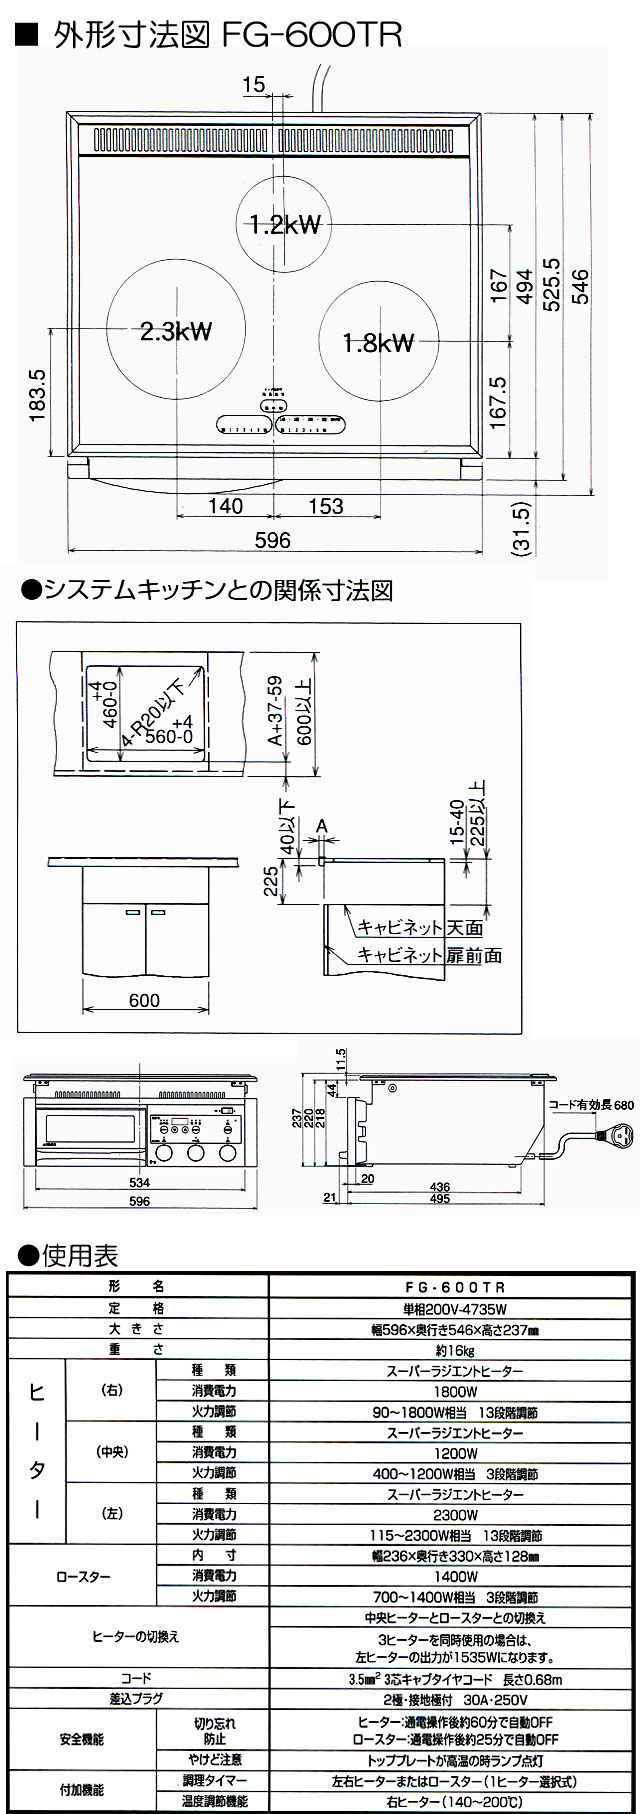 MFGスーパーラジエントヒーター 商品詳細